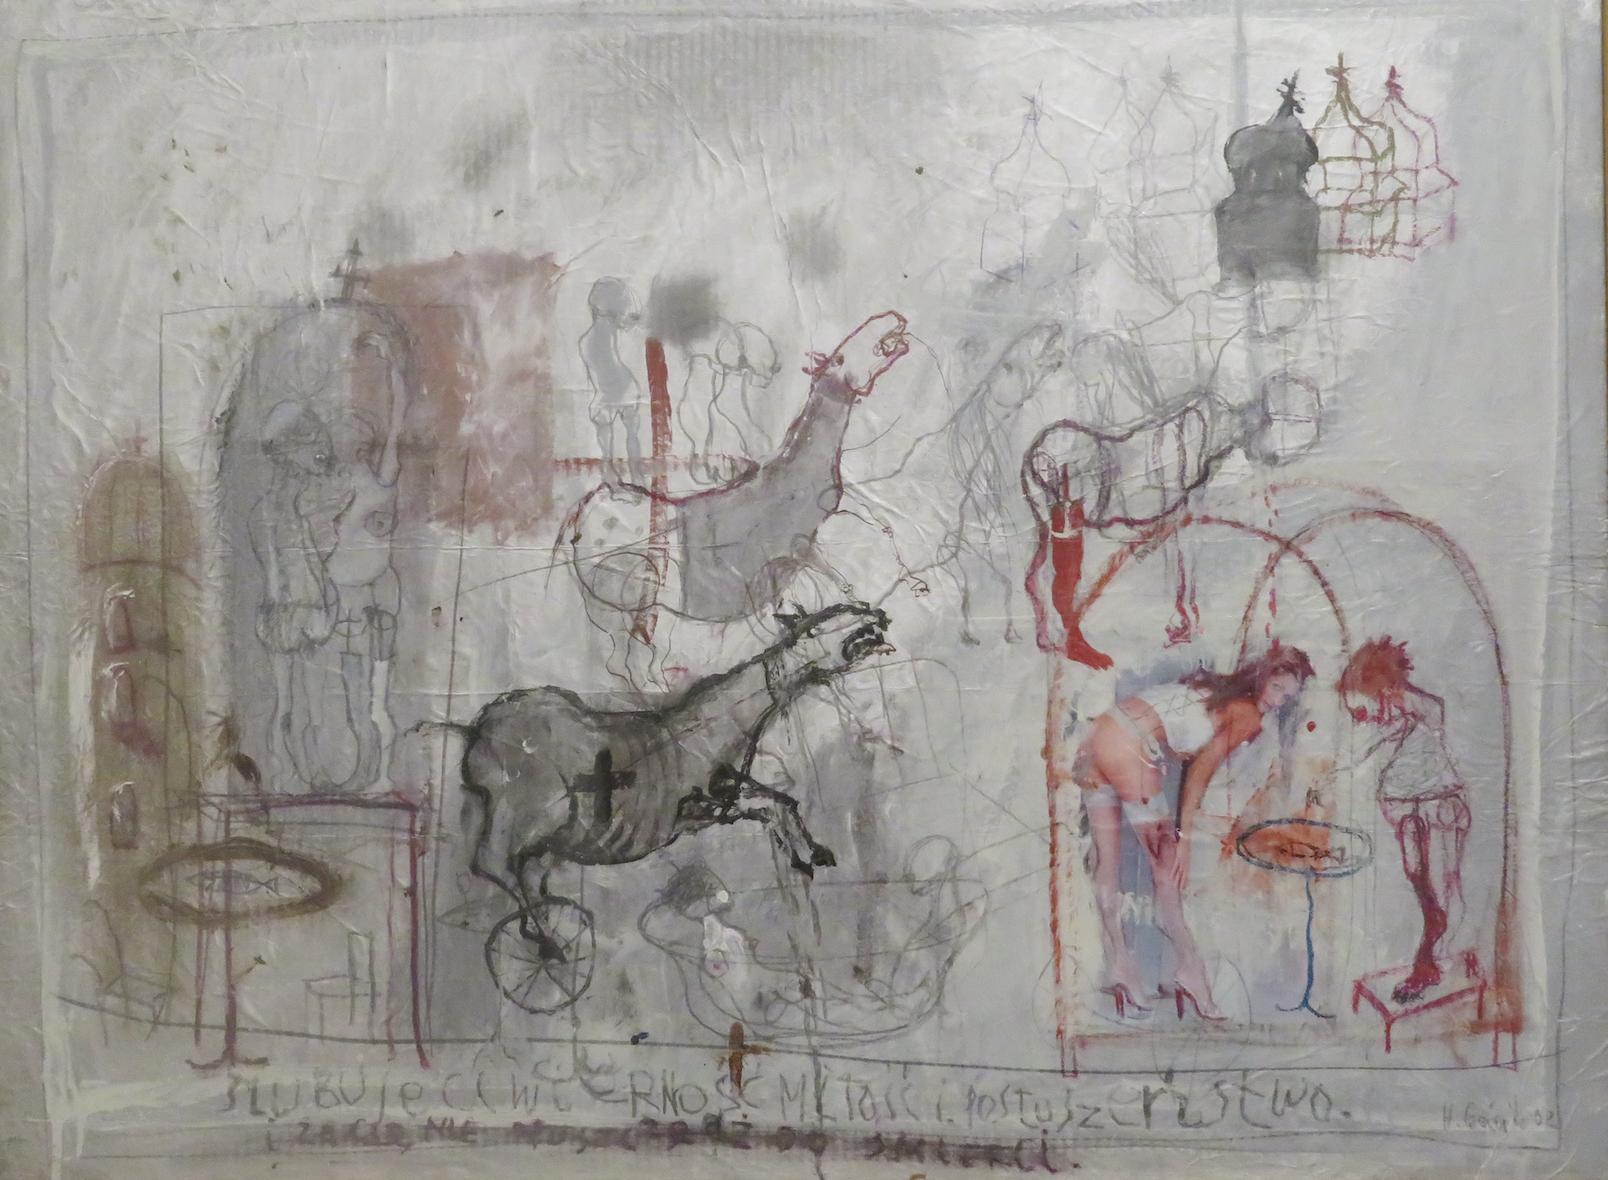 Henryk Cześnik, Ślubuję ci wierność, miłość, posłuszeństwo, 2003, gwasz, 146 x 116 cm, Zamek Książąt Pomorskich, Szczecin 2020, kolekcja Państwowej Galerii Sztuki w Sopocie